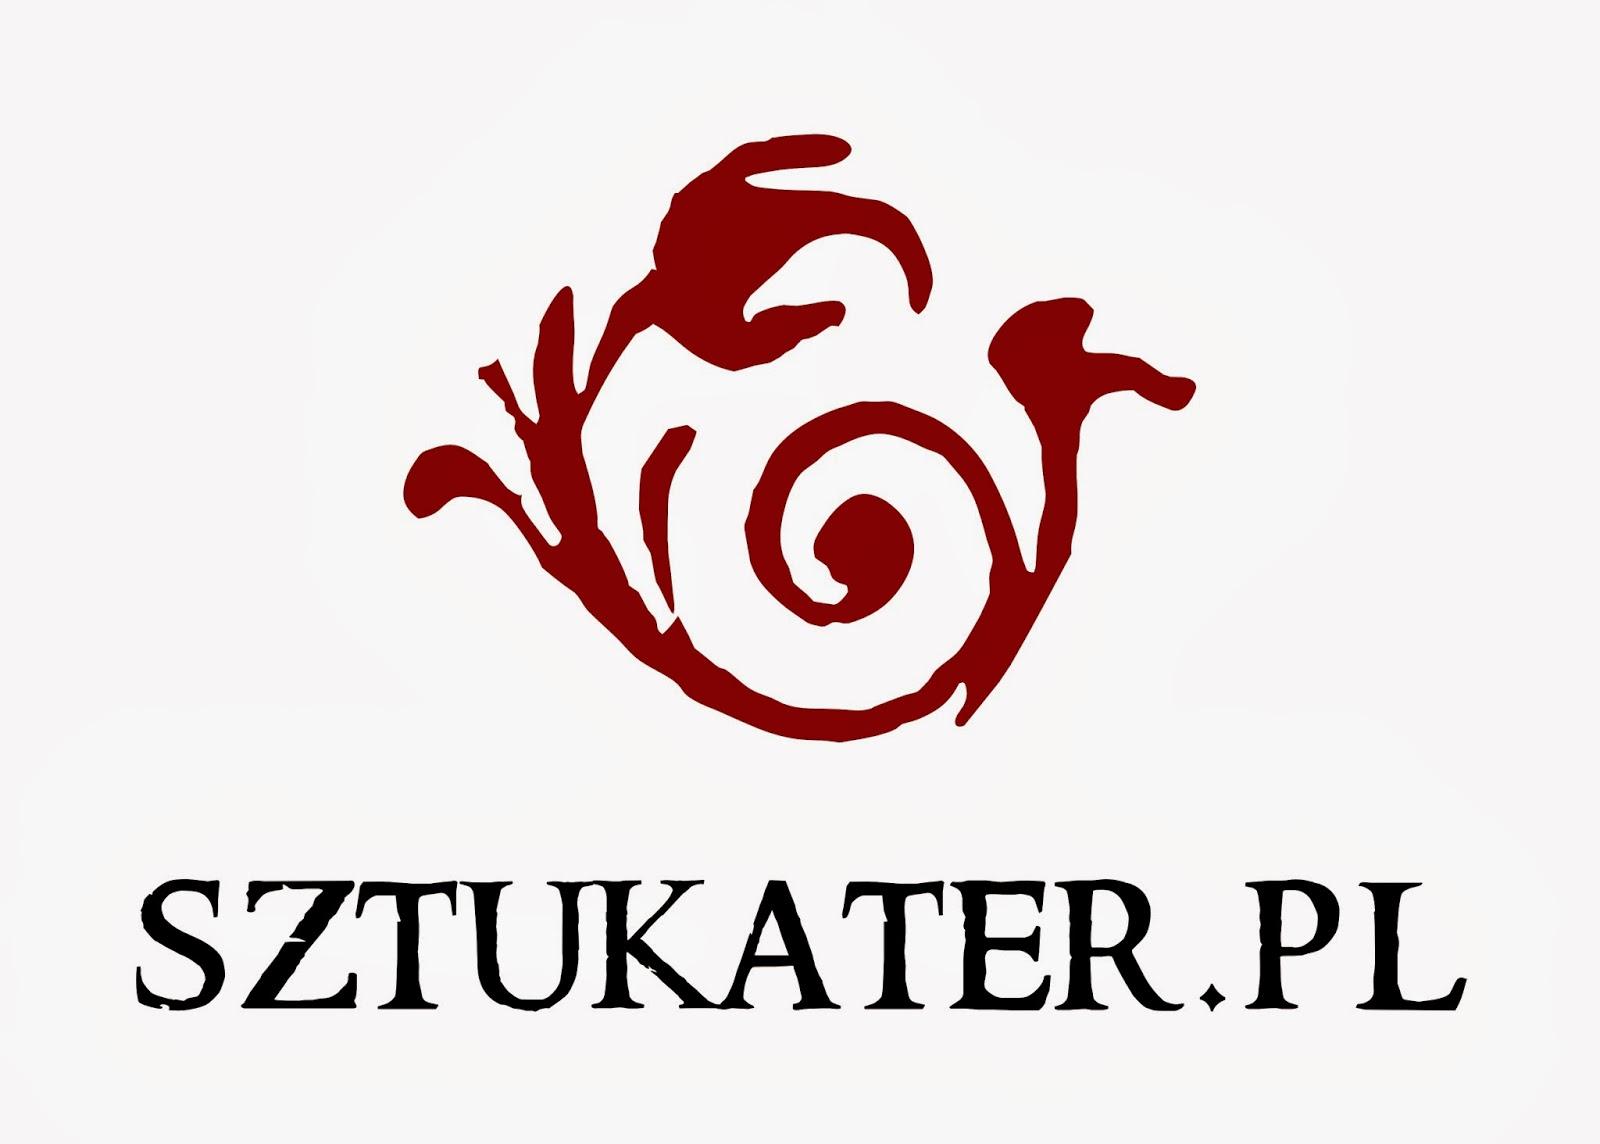 http://sztukater.pl/ksiazki/item/11616-dieta-horoskopowa.html